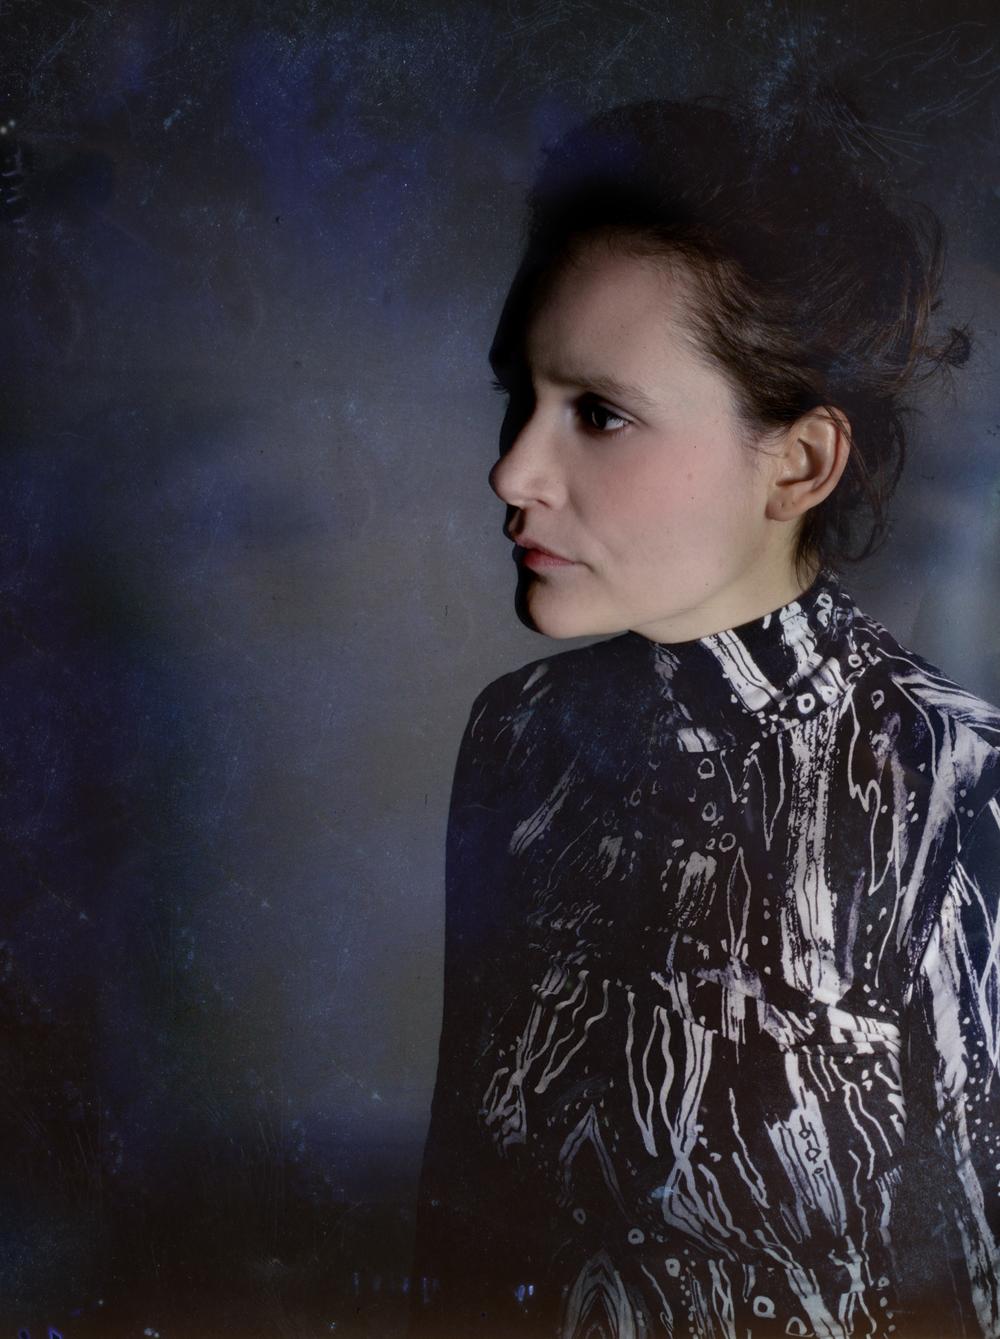 soley-promo2_by Ingibjörg Birgisdóttir.jpg